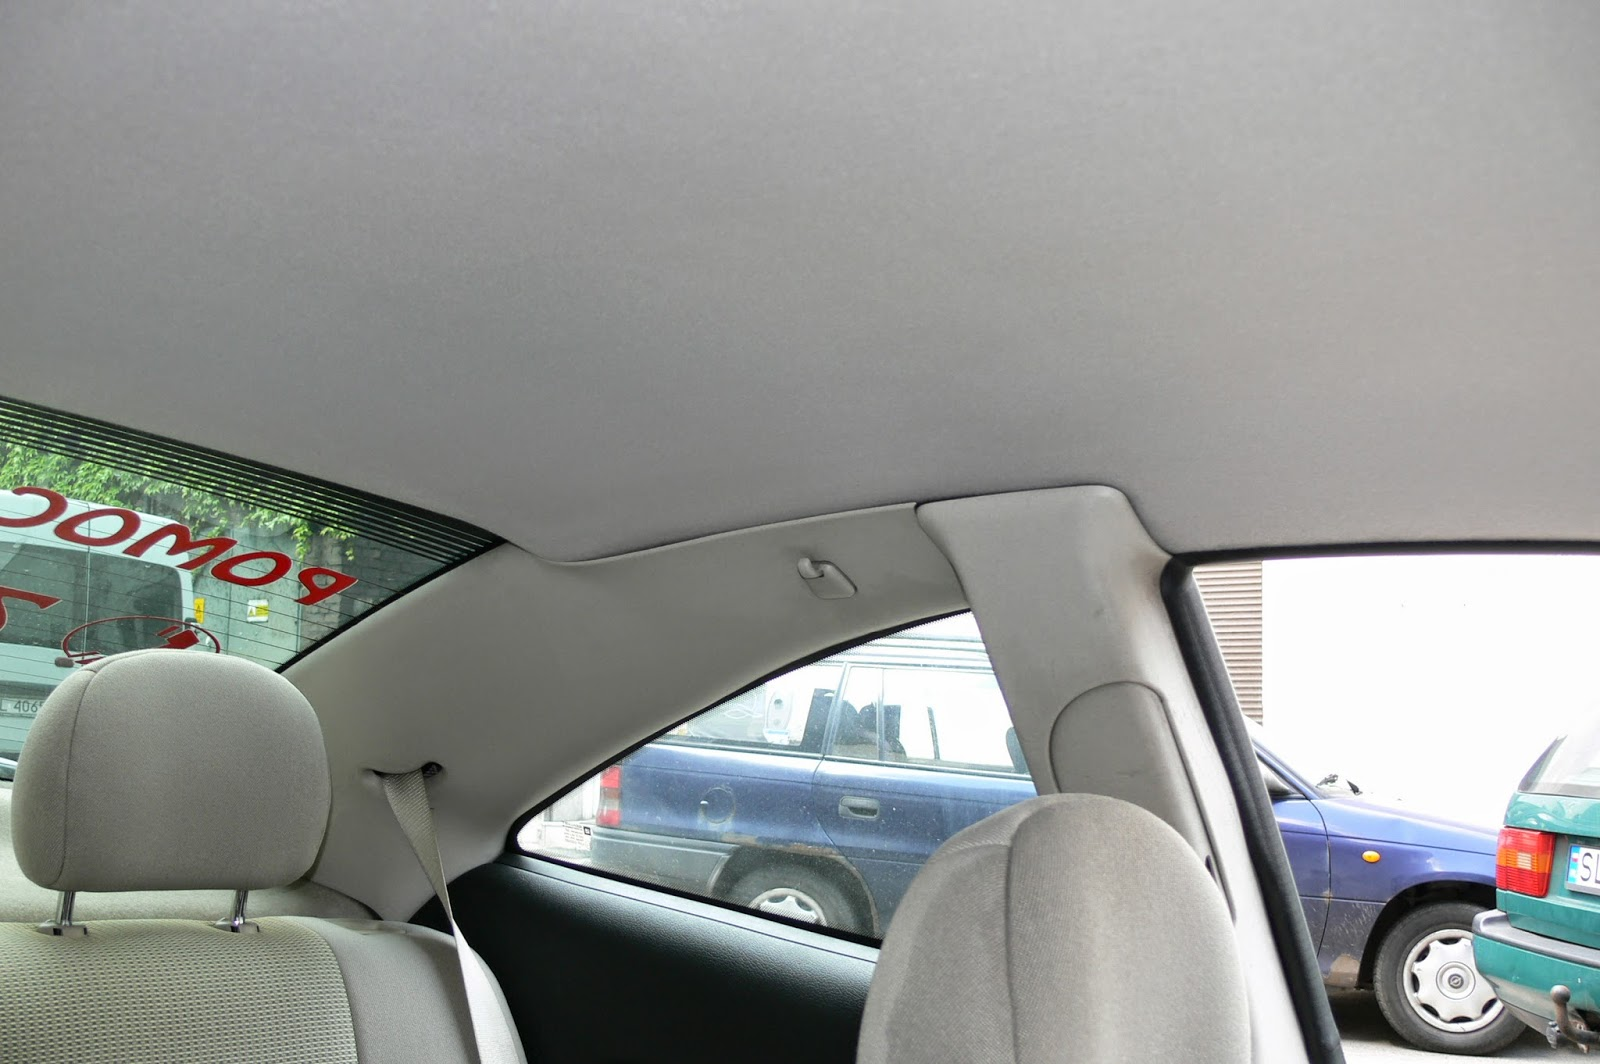 czyszczenie podsufitki samochodowej